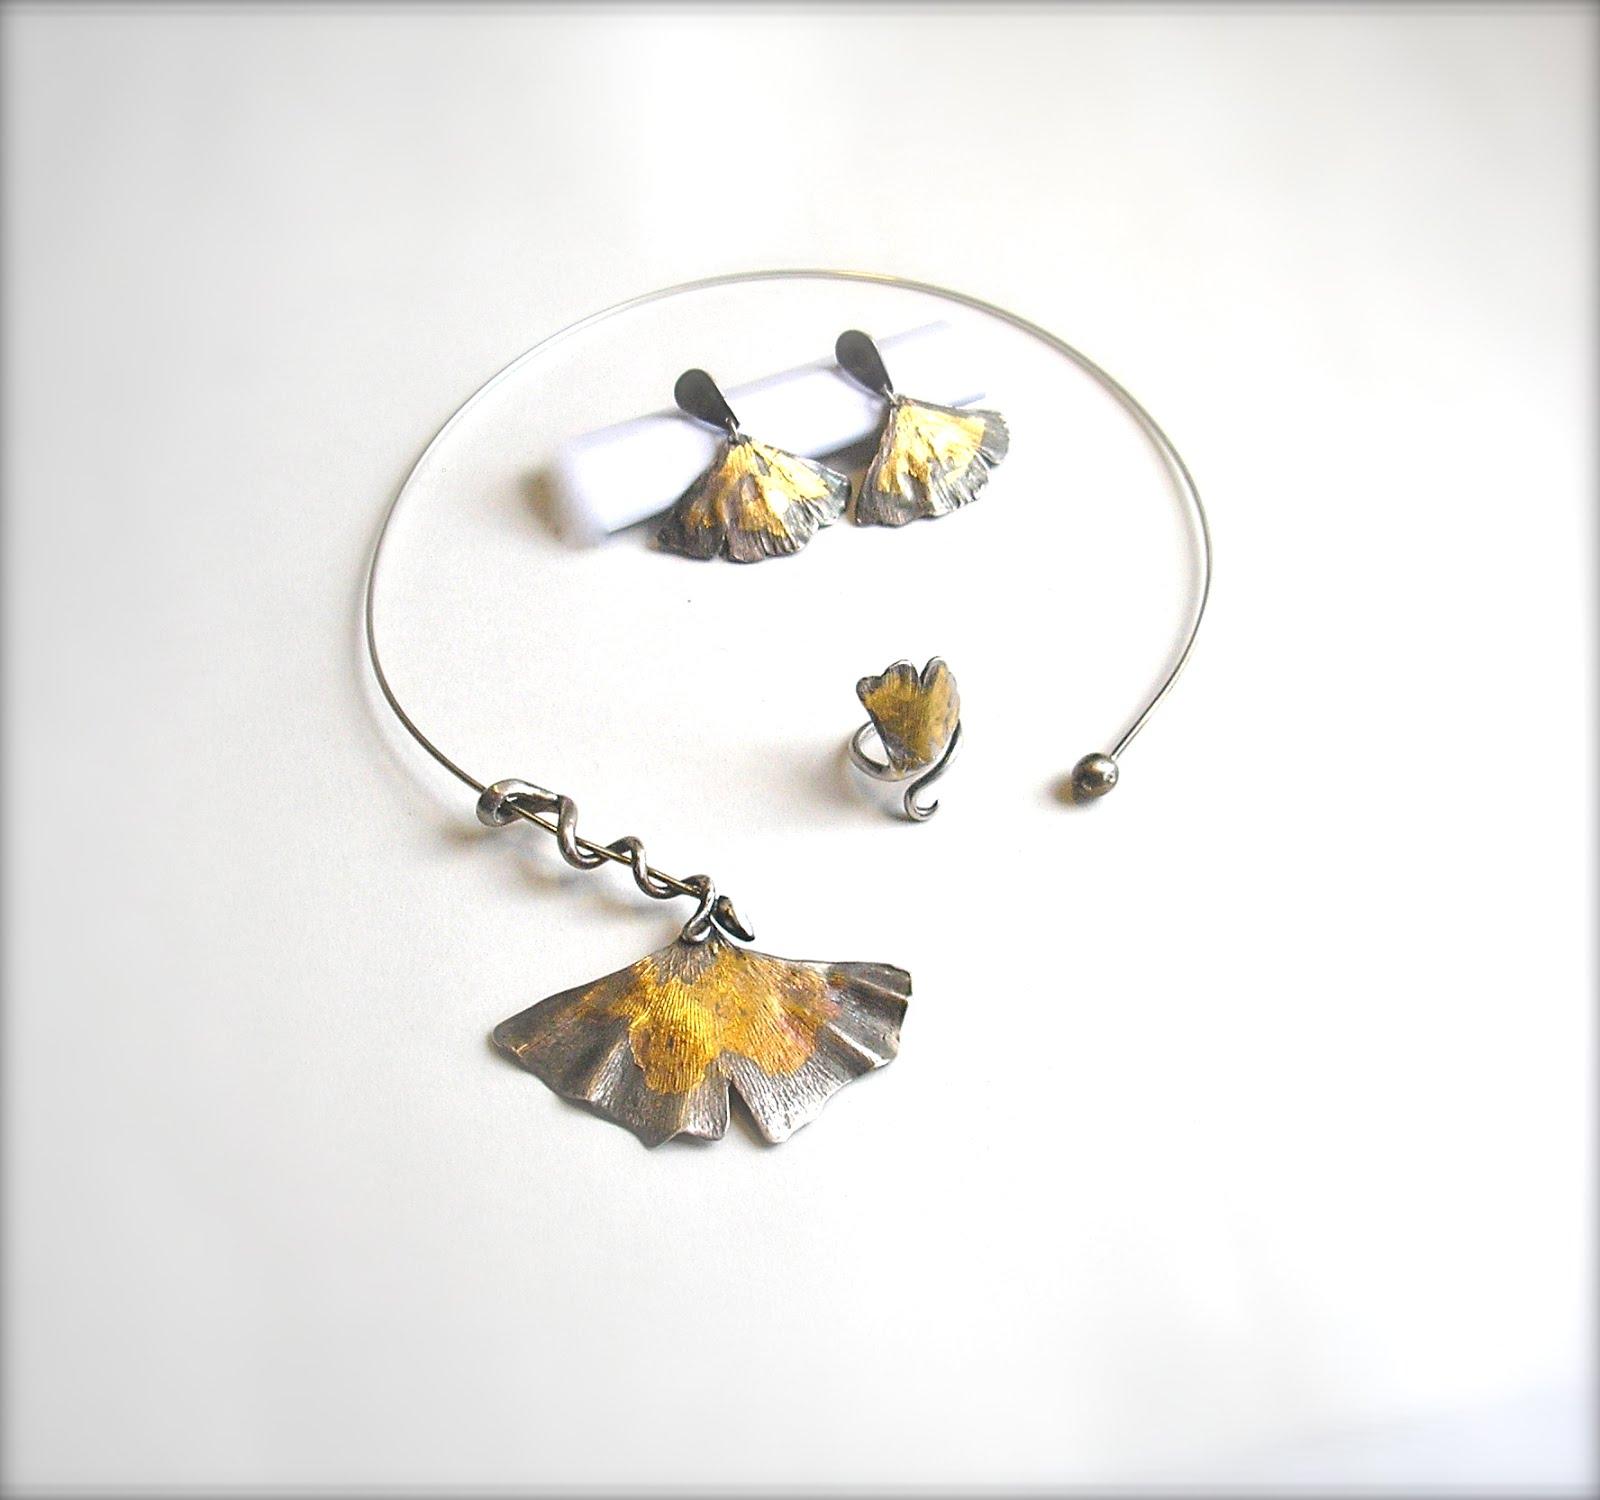 La Haye Jewelry